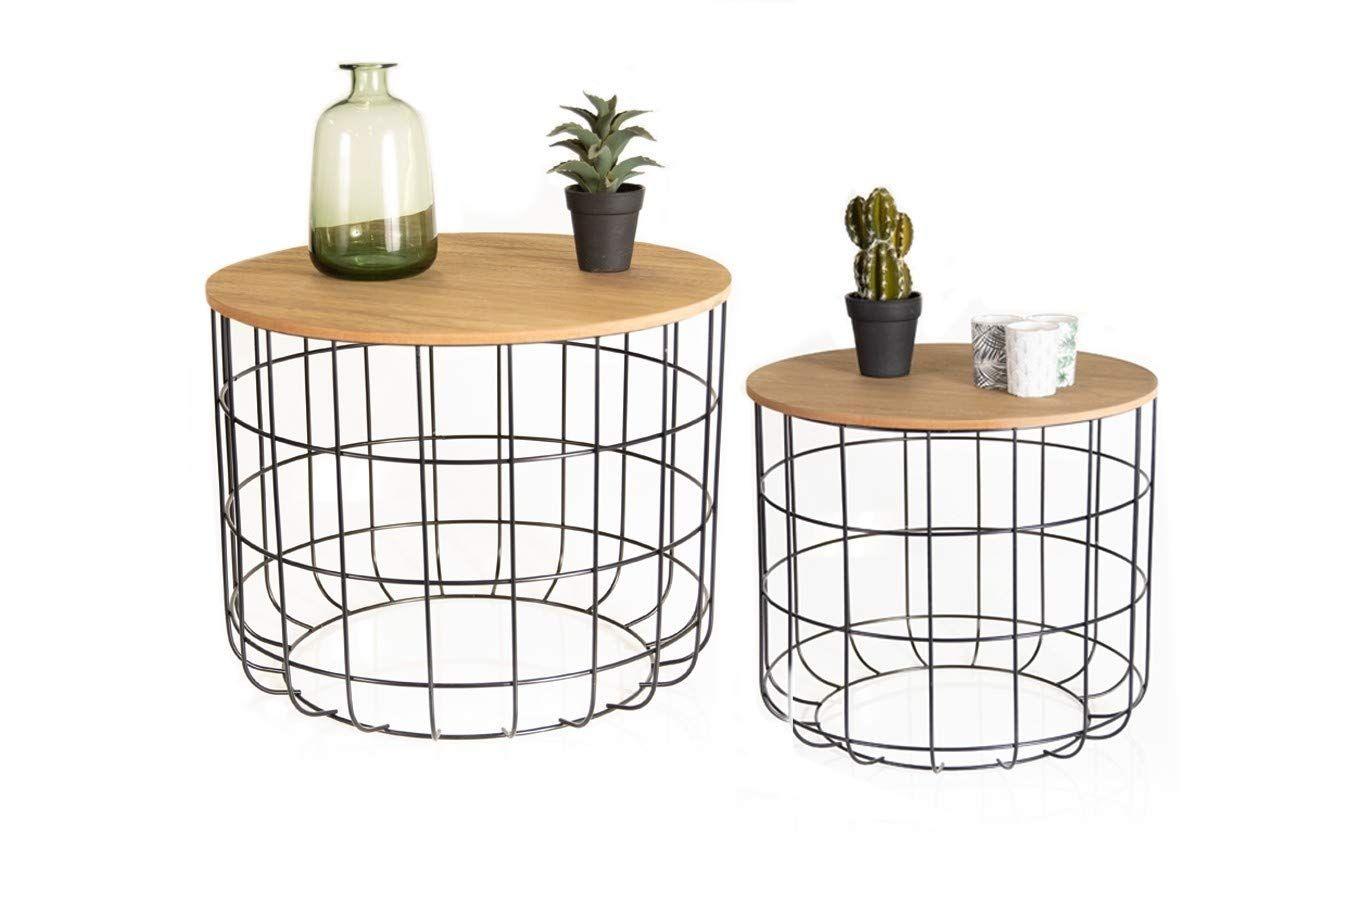 Lifa Living Runde Couchtische Im 2er Set 2 Beistelltische Aus Schwarzem Metall Und Mdf Holz Vintage Stil In 2020 Couchtisch Rund Beistelltische Couchtische